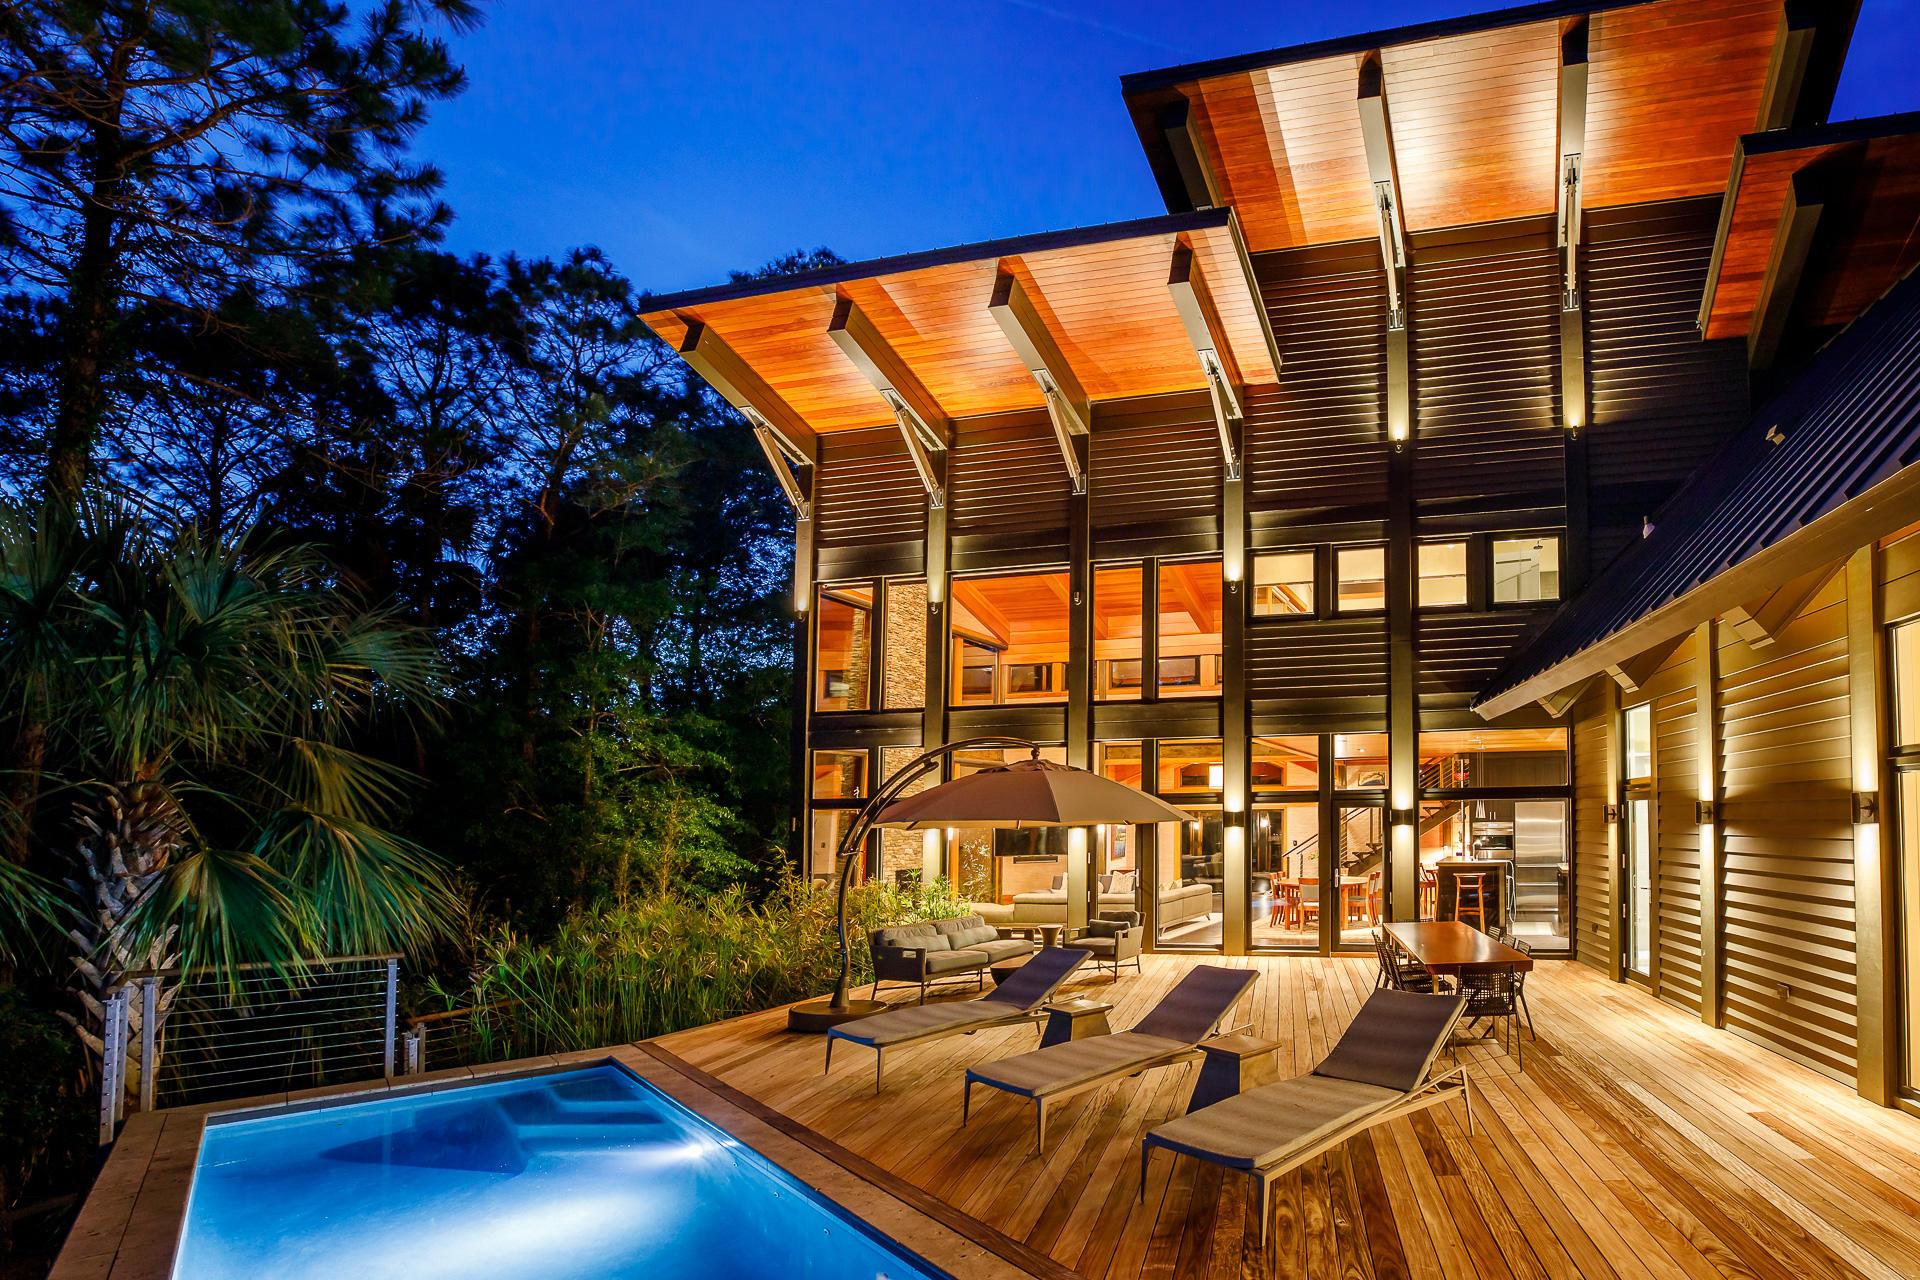 Kiawah Island Homes For Sale - 102 Blue Heron Pond, Kiawah Island, SC - 10